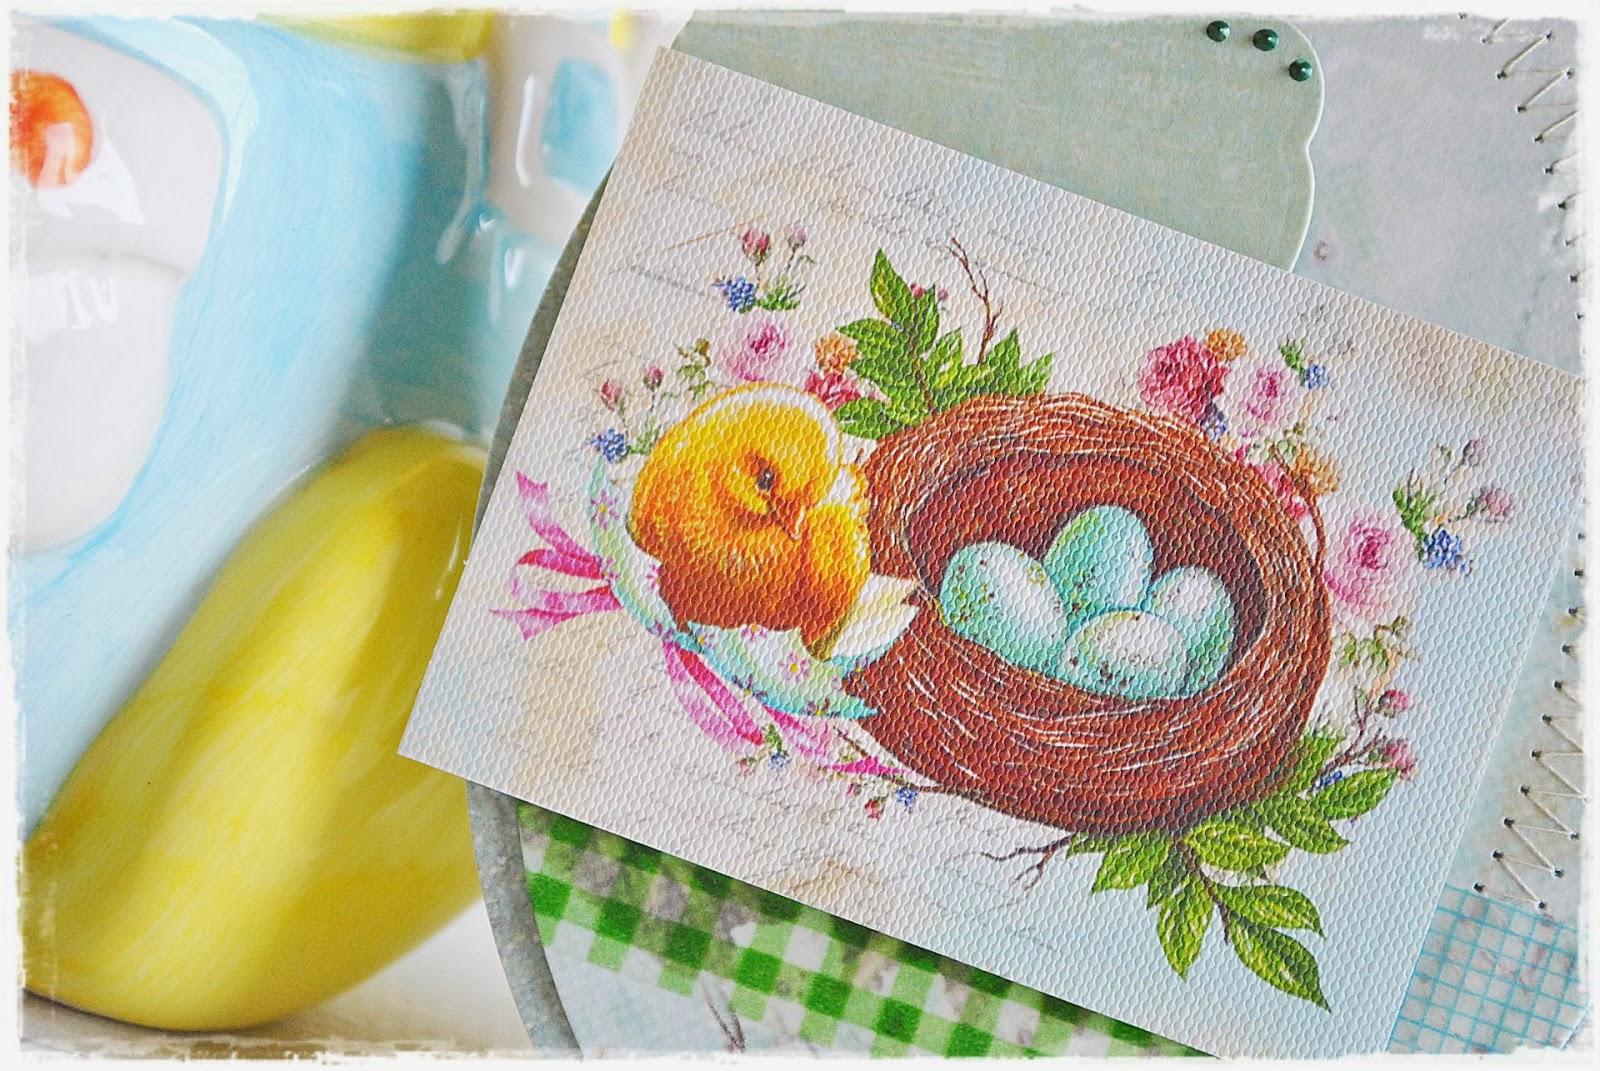 kartka wielkanocna w kształcie jaja scrapbooking